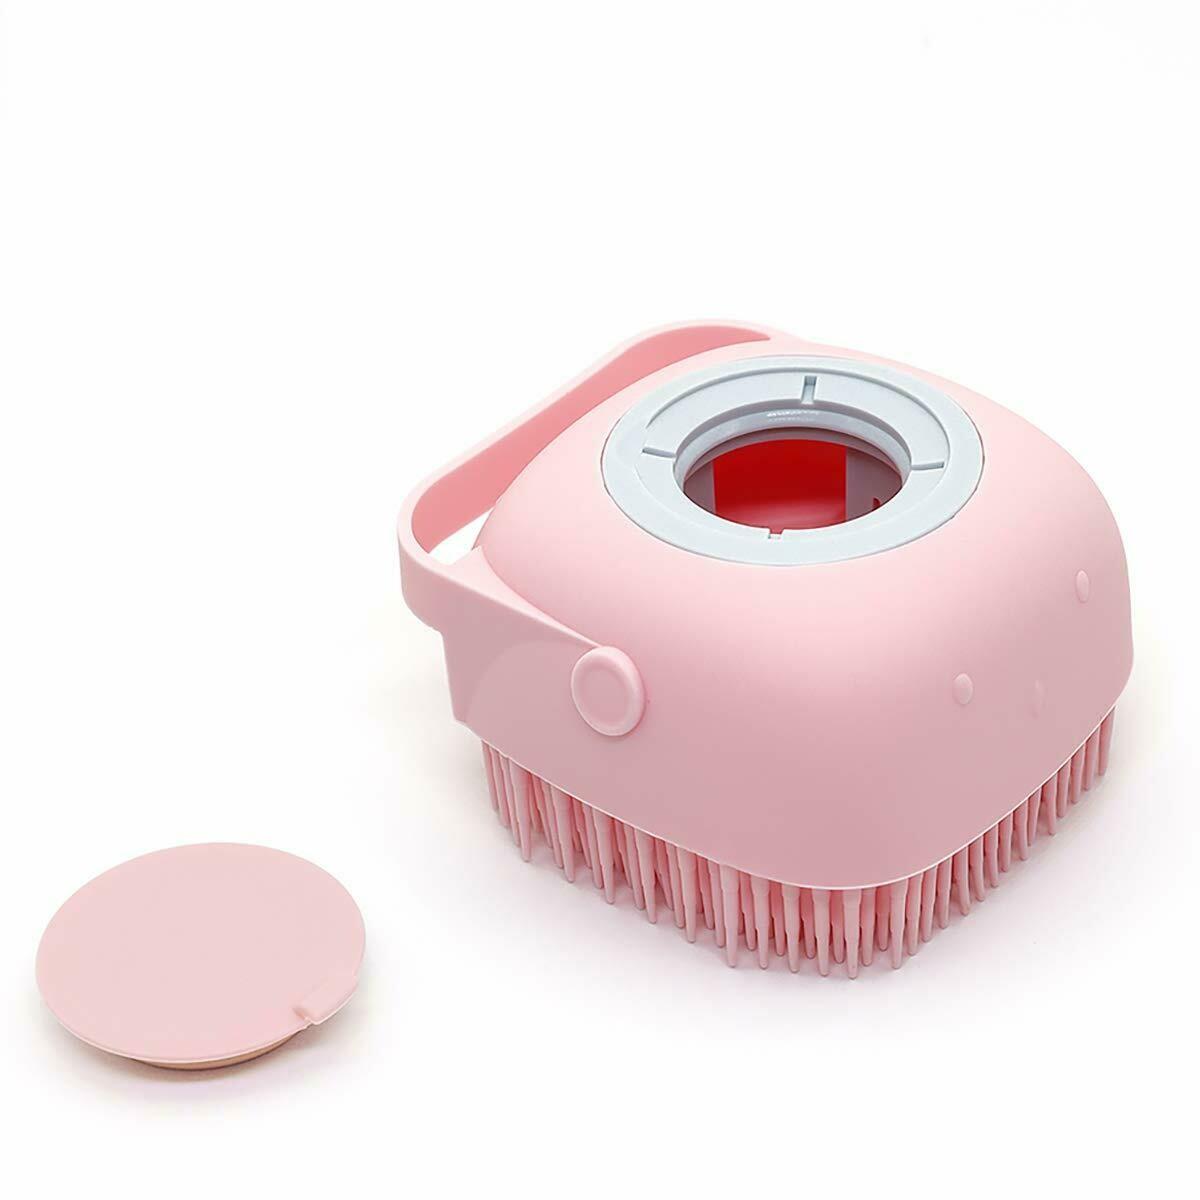 Cepillo exfoliante de silicona + dispensador de jabón